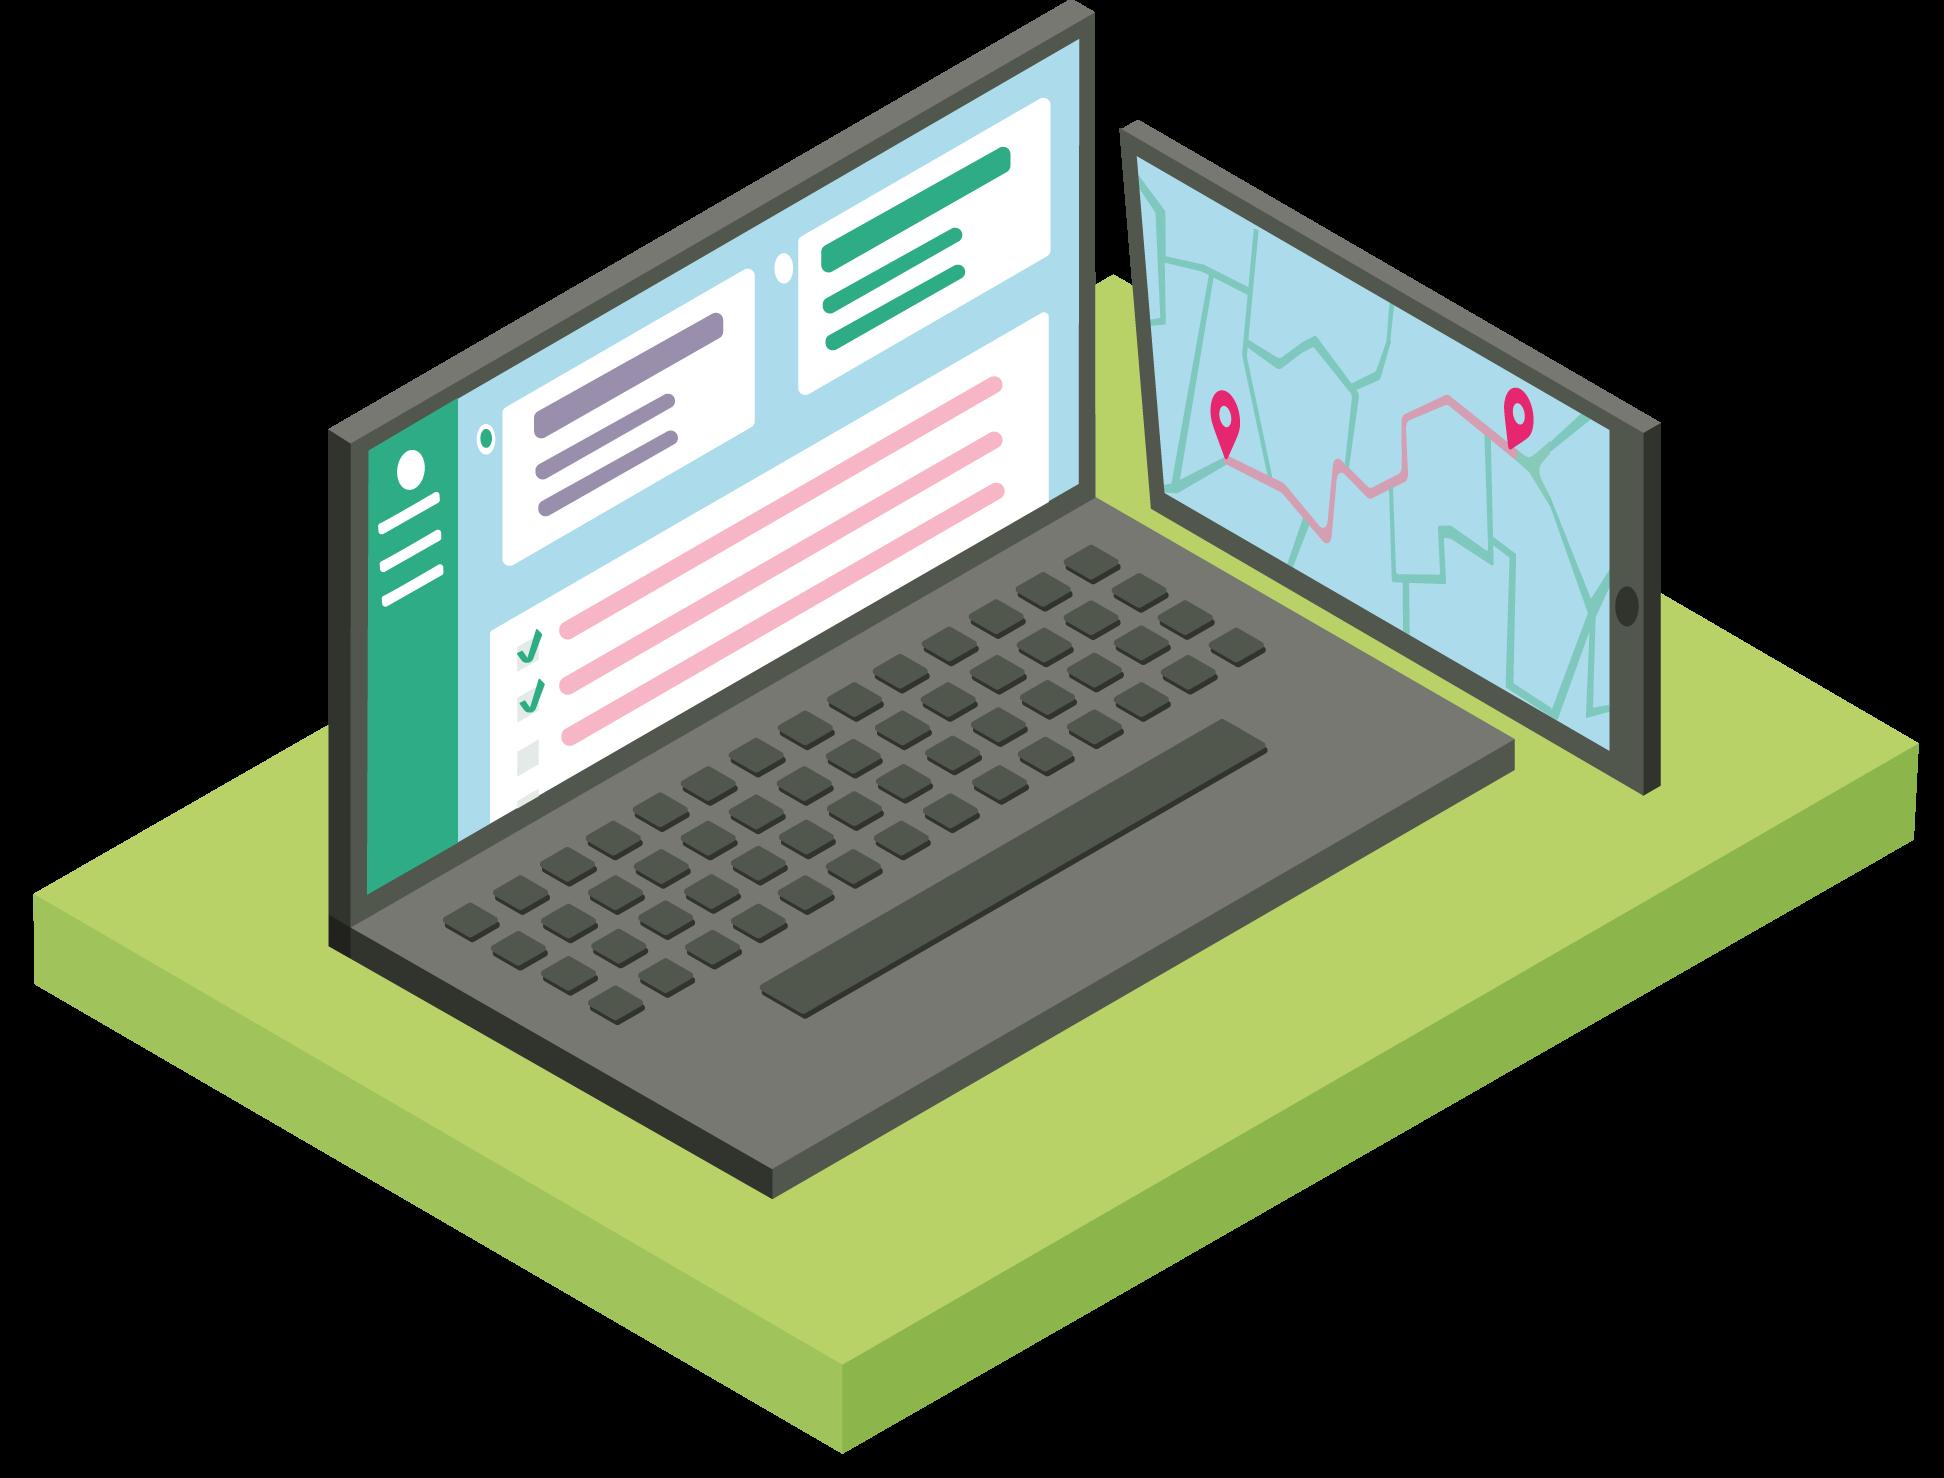 SoftwareOnDevicesPlatform